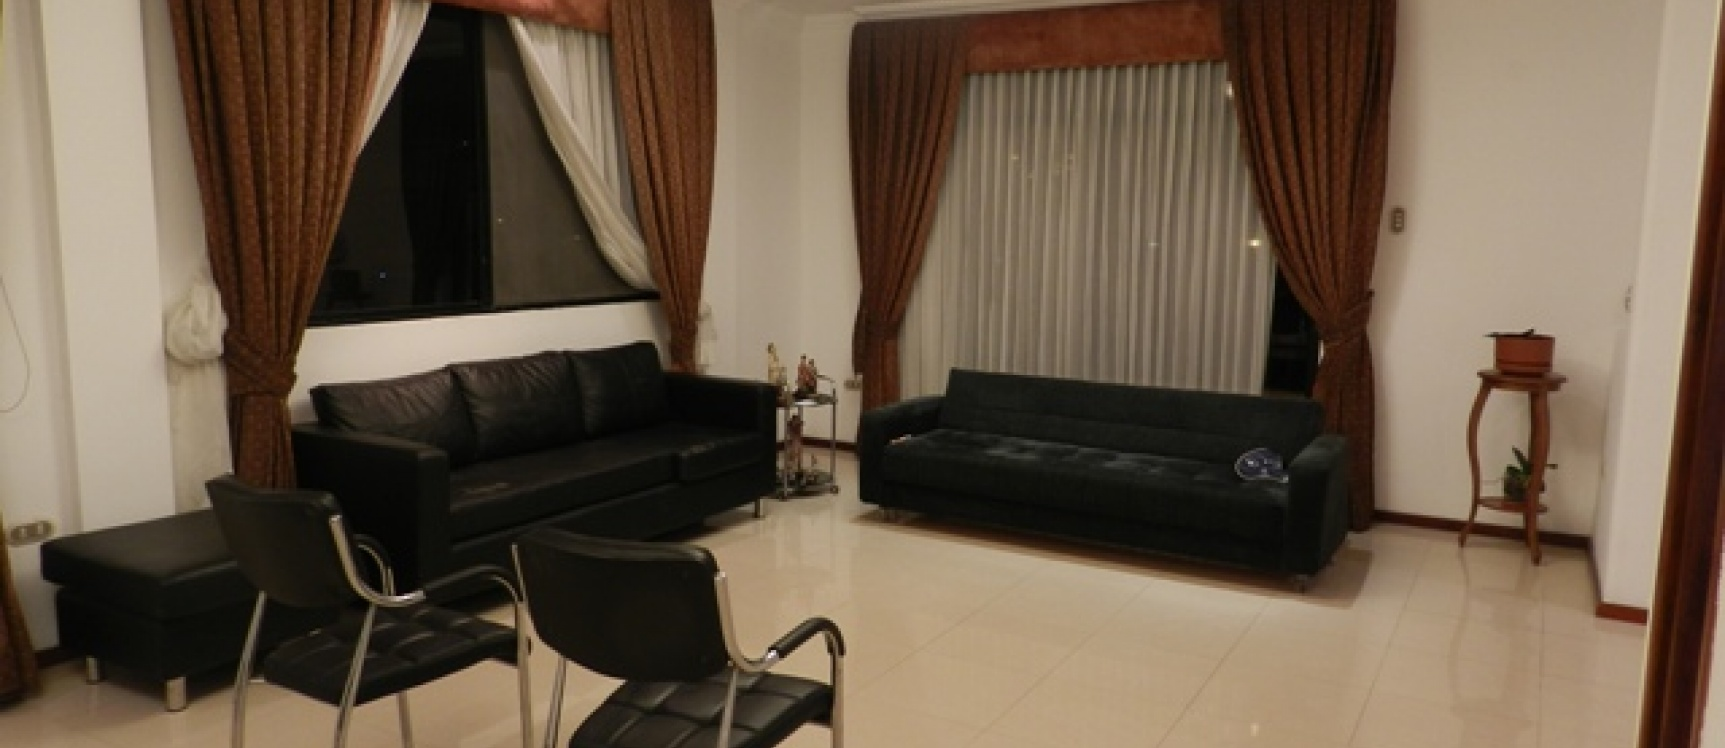 GeoBienes - Departamento de venta en Colinas de los Ceibos Guayaquil - Plusvalia Guayaquil Casas de venta y alquiler Inmobiliaria Ecuador